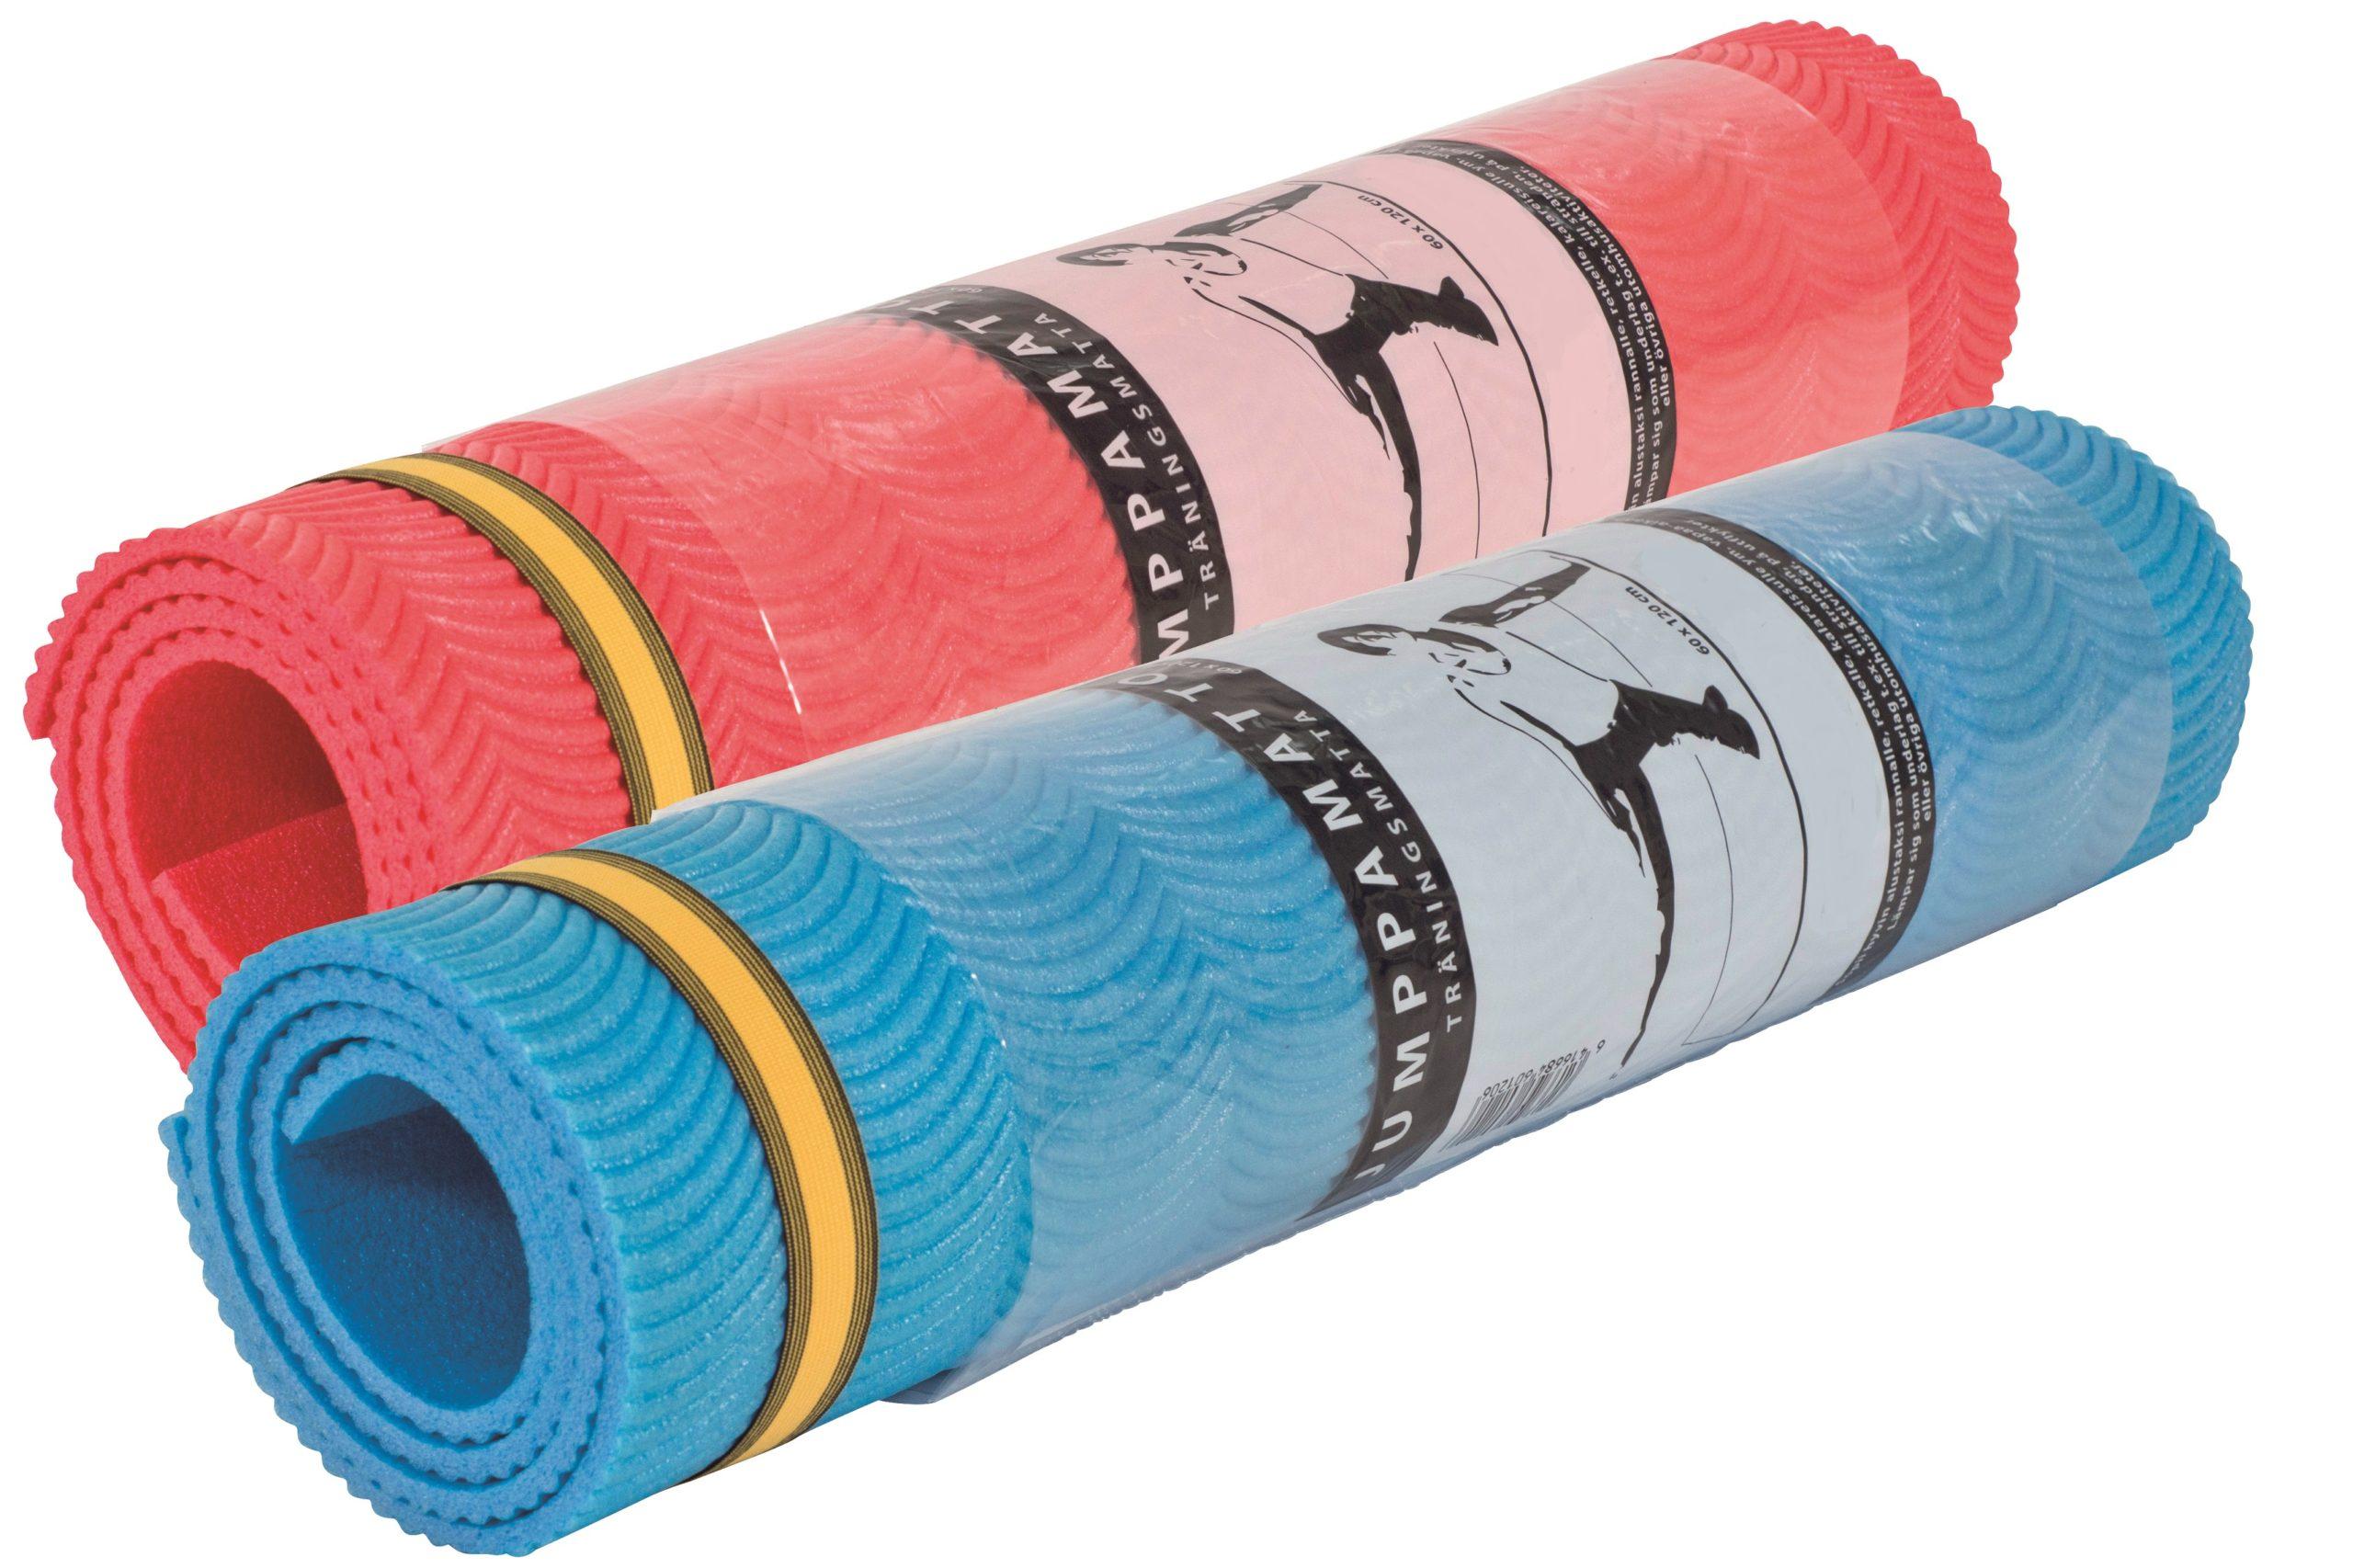 Duke Fitness jumppamattorulla, jota on kokonsa vuoksi helppo käyttää ja pitää mukana.